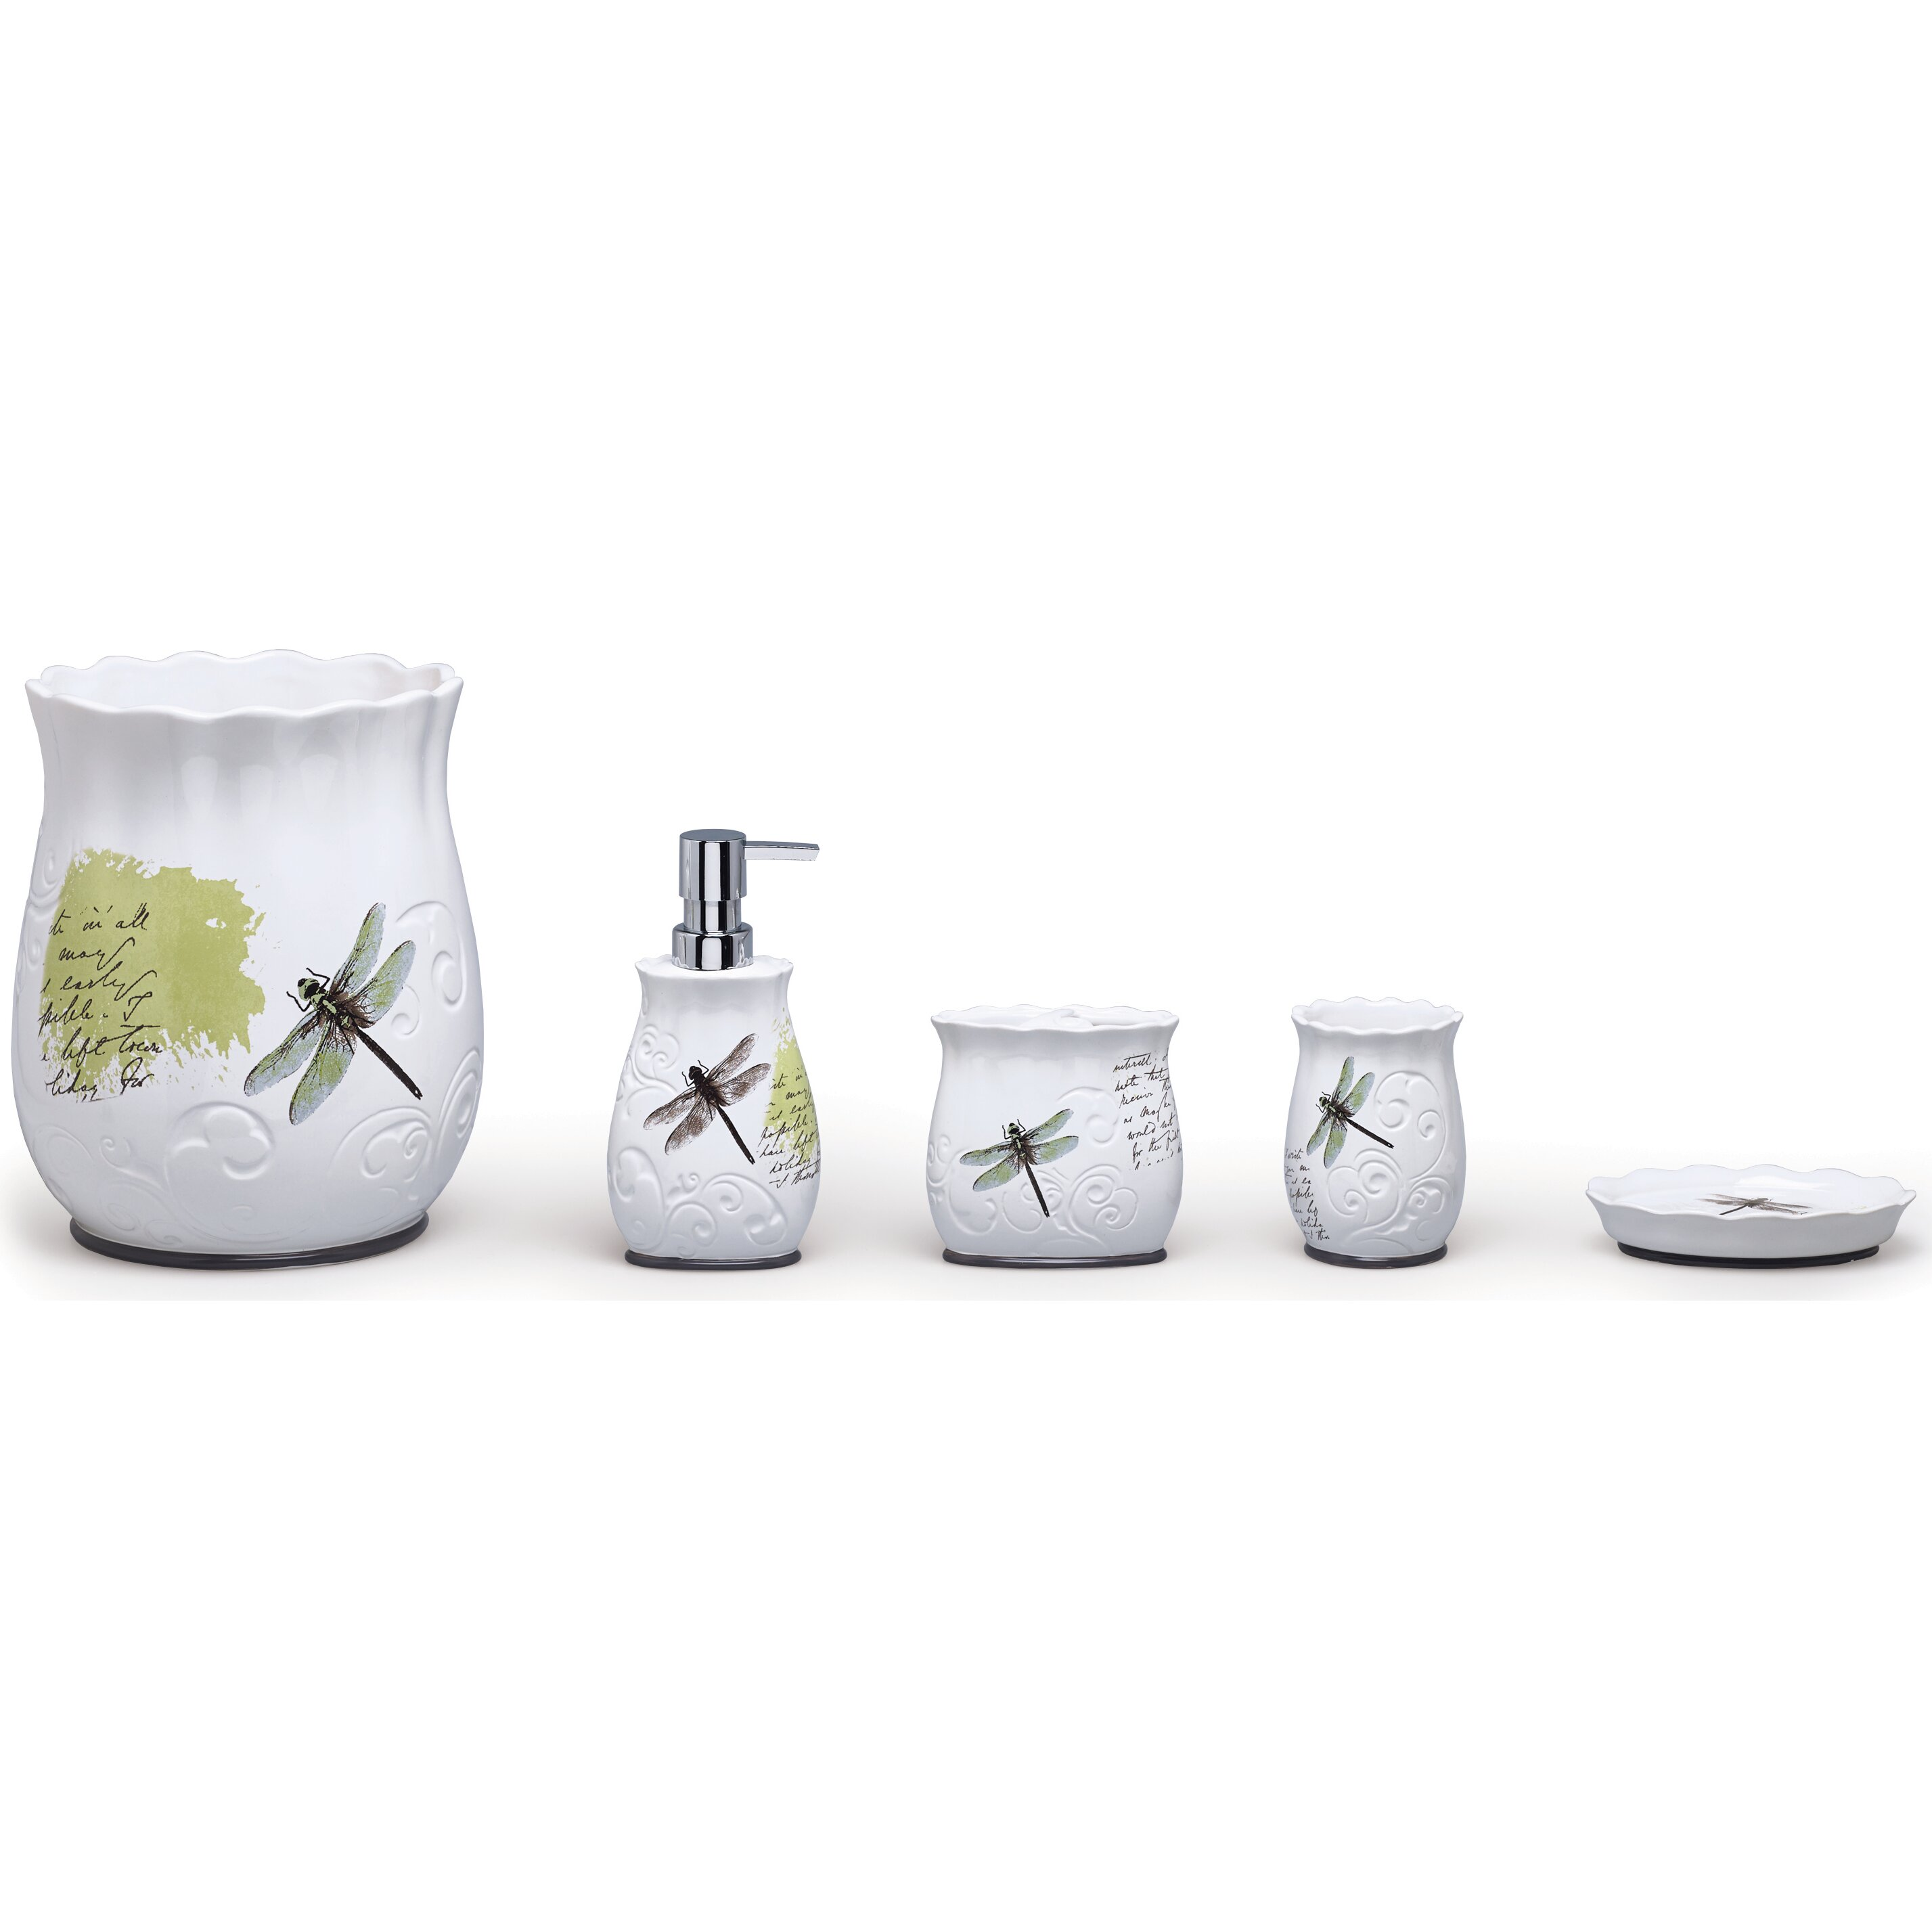 moda at home dragonfly ceramic 4-piece bathroom accessory set